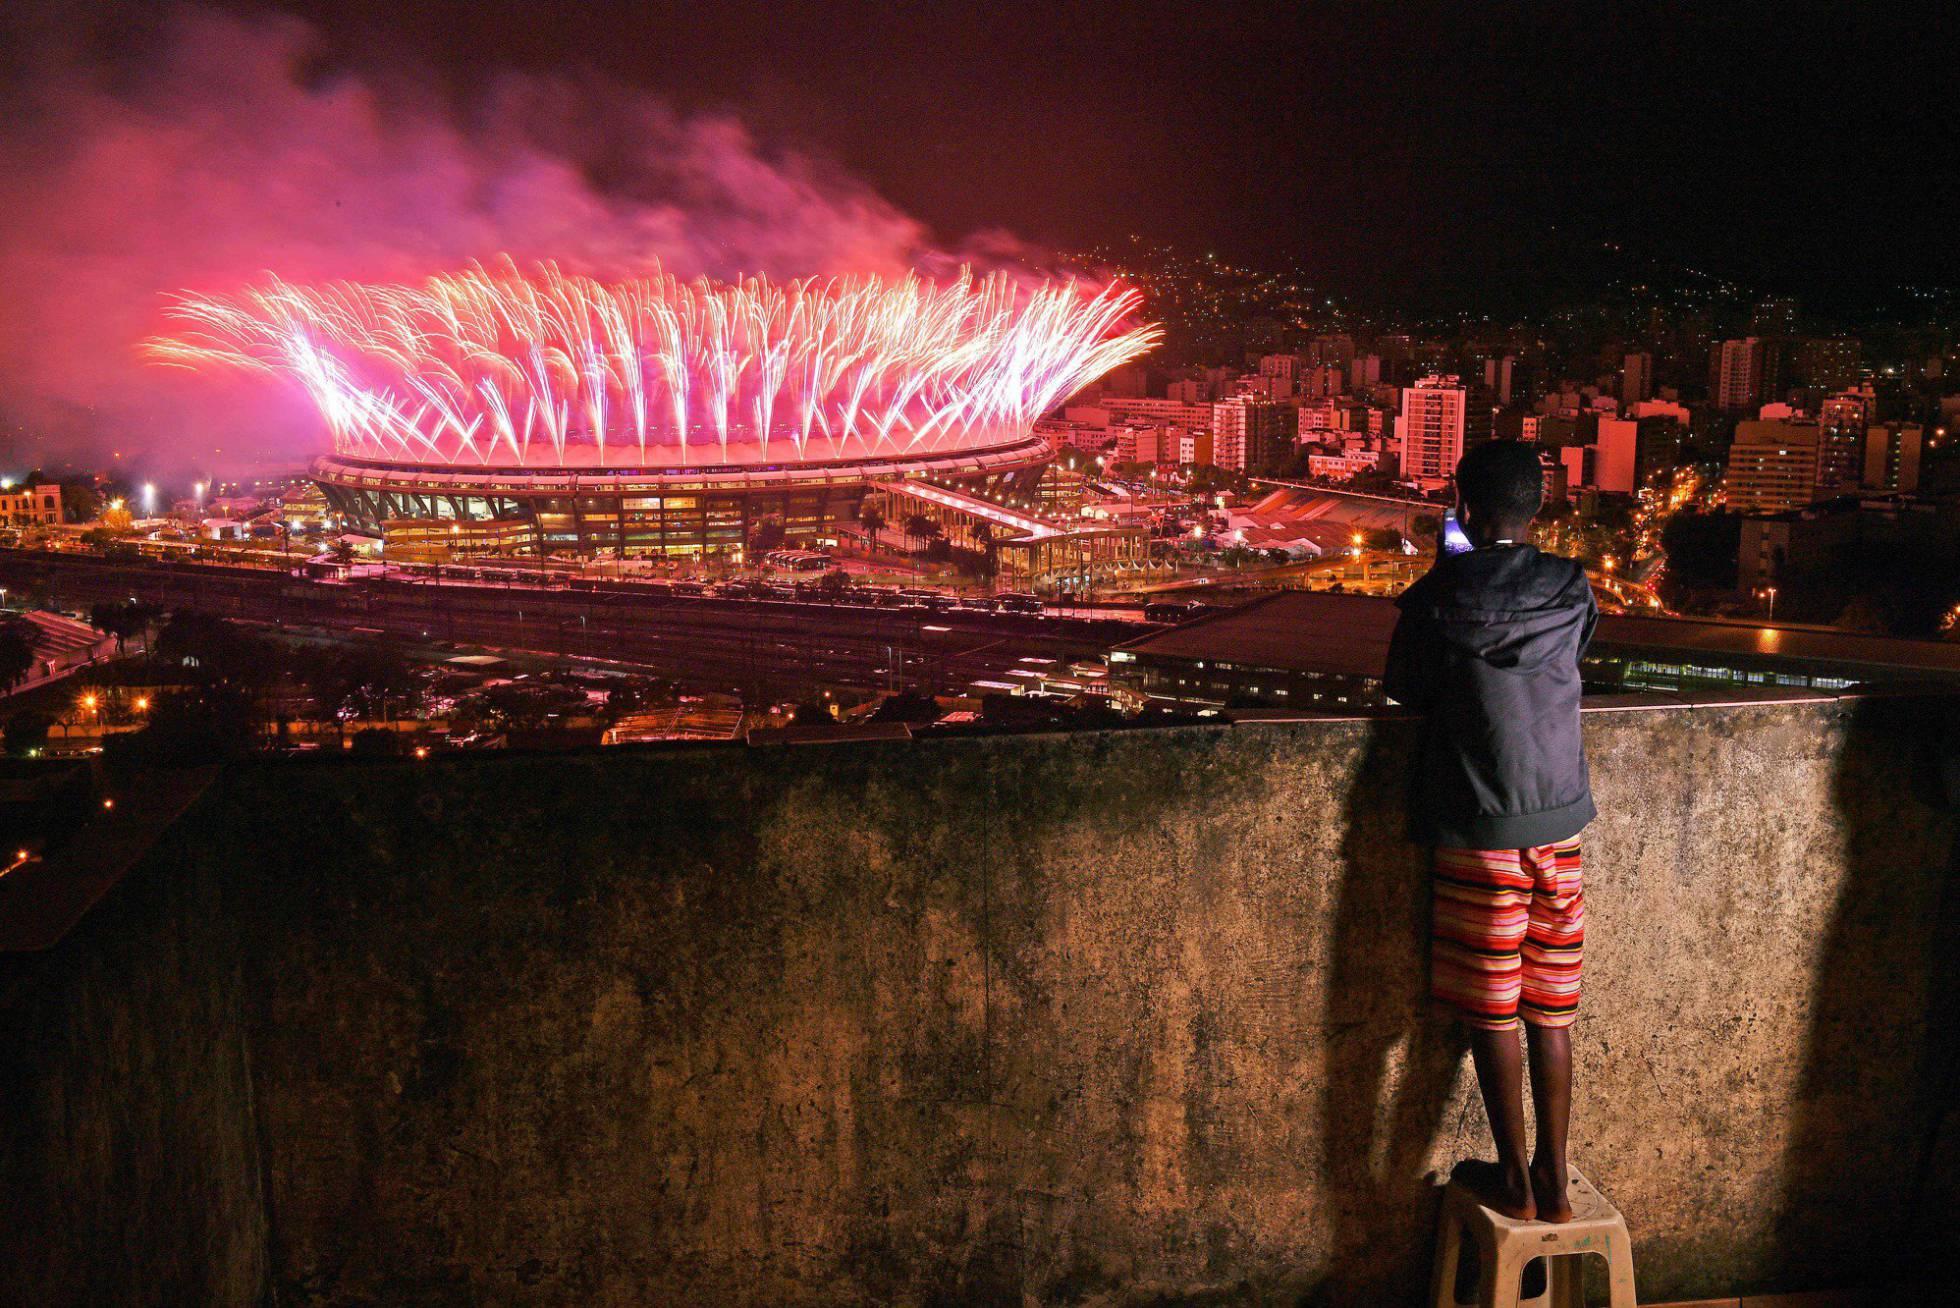 olimpiada el pais